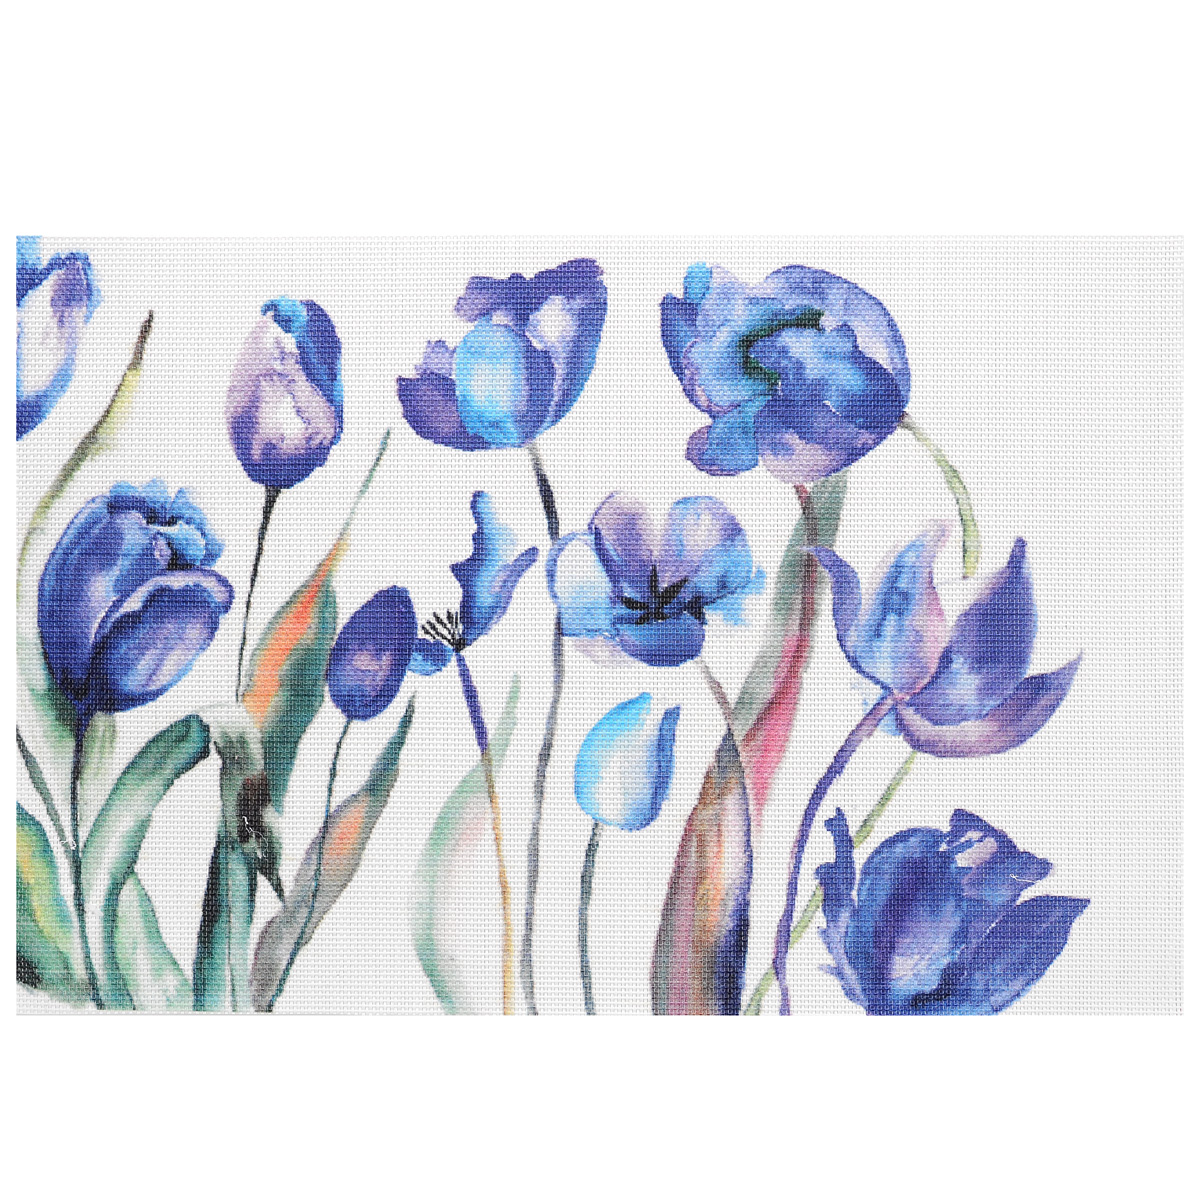 Подставка под горячее Hans & Gretchen Синие цветы, 45 см х 30 см54 009312Прямоугольная подставка под горячее Hans & Gretchen Синие цветы выполнена из мягкого пластика. Изделие, украшенное красочным изображением, идеально впишется в интерьер современной кухни. Подставка не боится высоких температур и легко чистится от пятен и жира.Каждая хозяйка знает, что подставка под горячее - это незаменимый и очень полезный аксессуар на каждой кухне. Ваш стол будет не только украшен оригинальной подставкой с красивым рисунком, но и сбережен от воздействия высоких температур ваших кулинарных шедевров.Размер подставки: 45 см х 30 см.